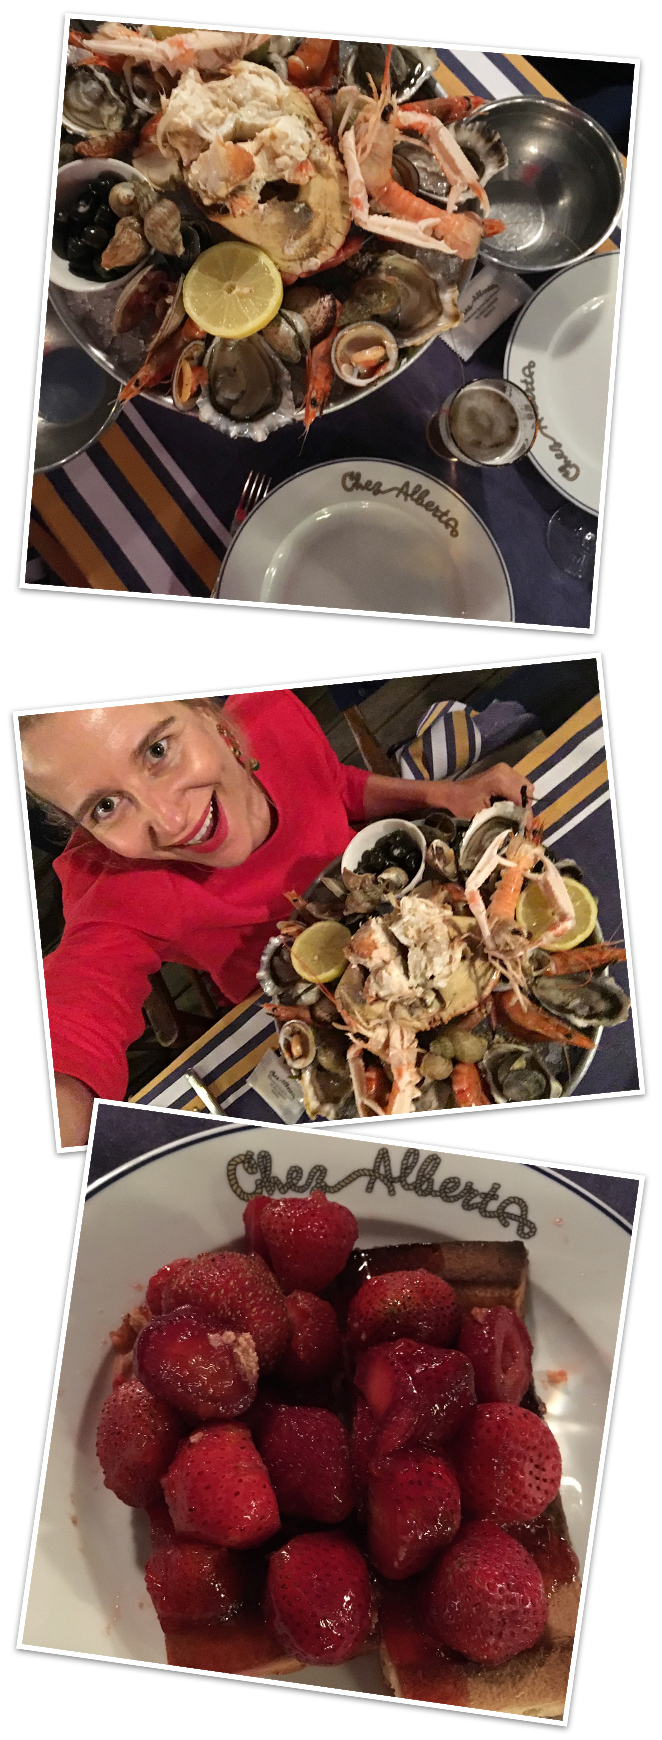 Para una cena especial mi favorito es Chez Albert, que se encuentra en el puerto de Biarritz, y donde podréis tomar marisco y de postre una deliciosa tarta de fresas